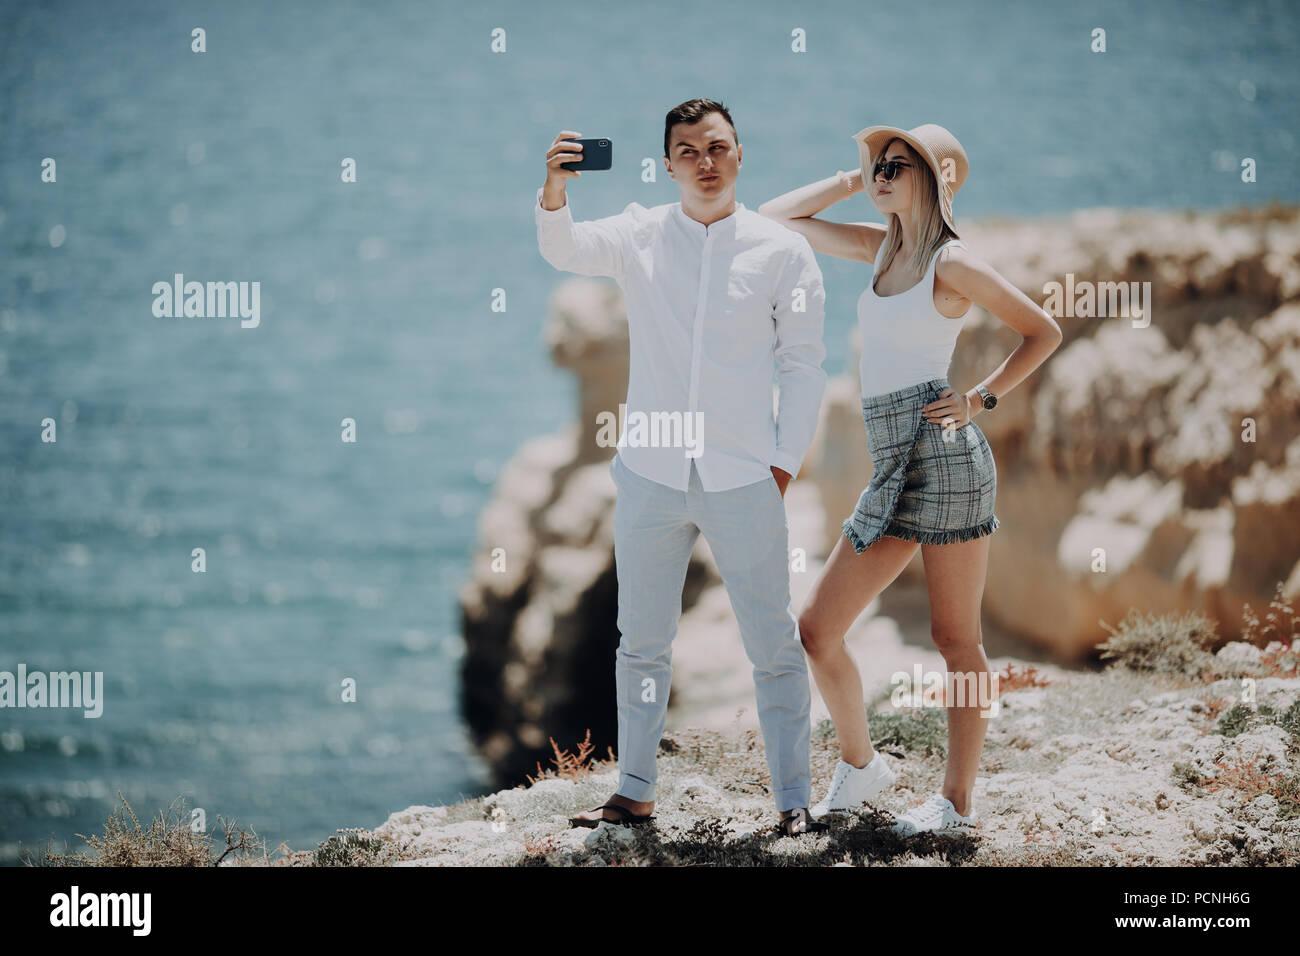 Paar unter selfie self portrait Foto romantisch. Glückliche Liebhaber, Frau und Mann sie auf Geschäftsreise Stockbild